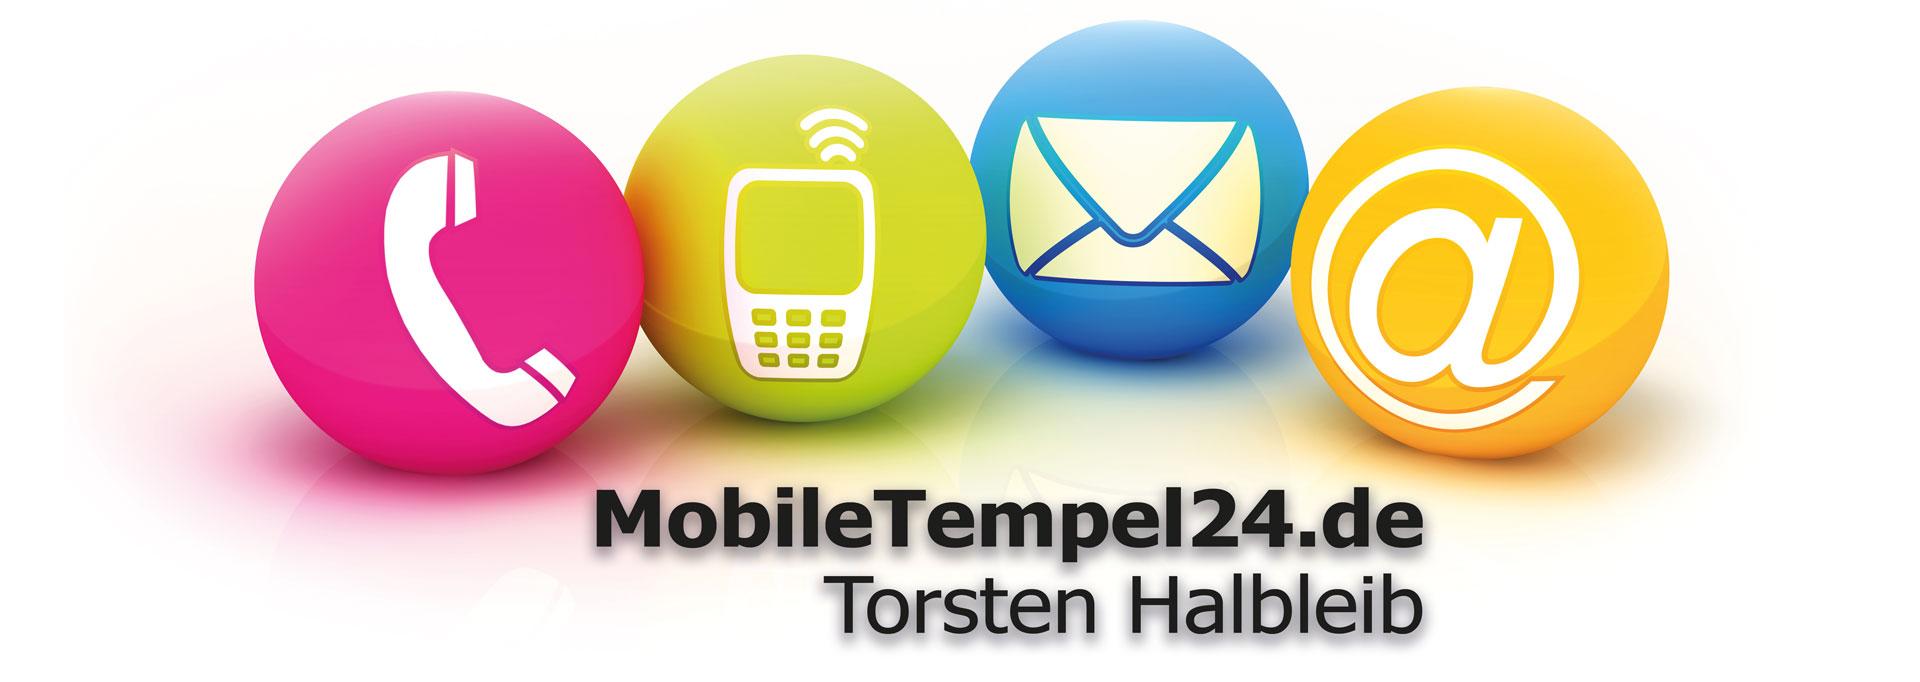 Mobiletempel24 Ober-Roden Rödermark